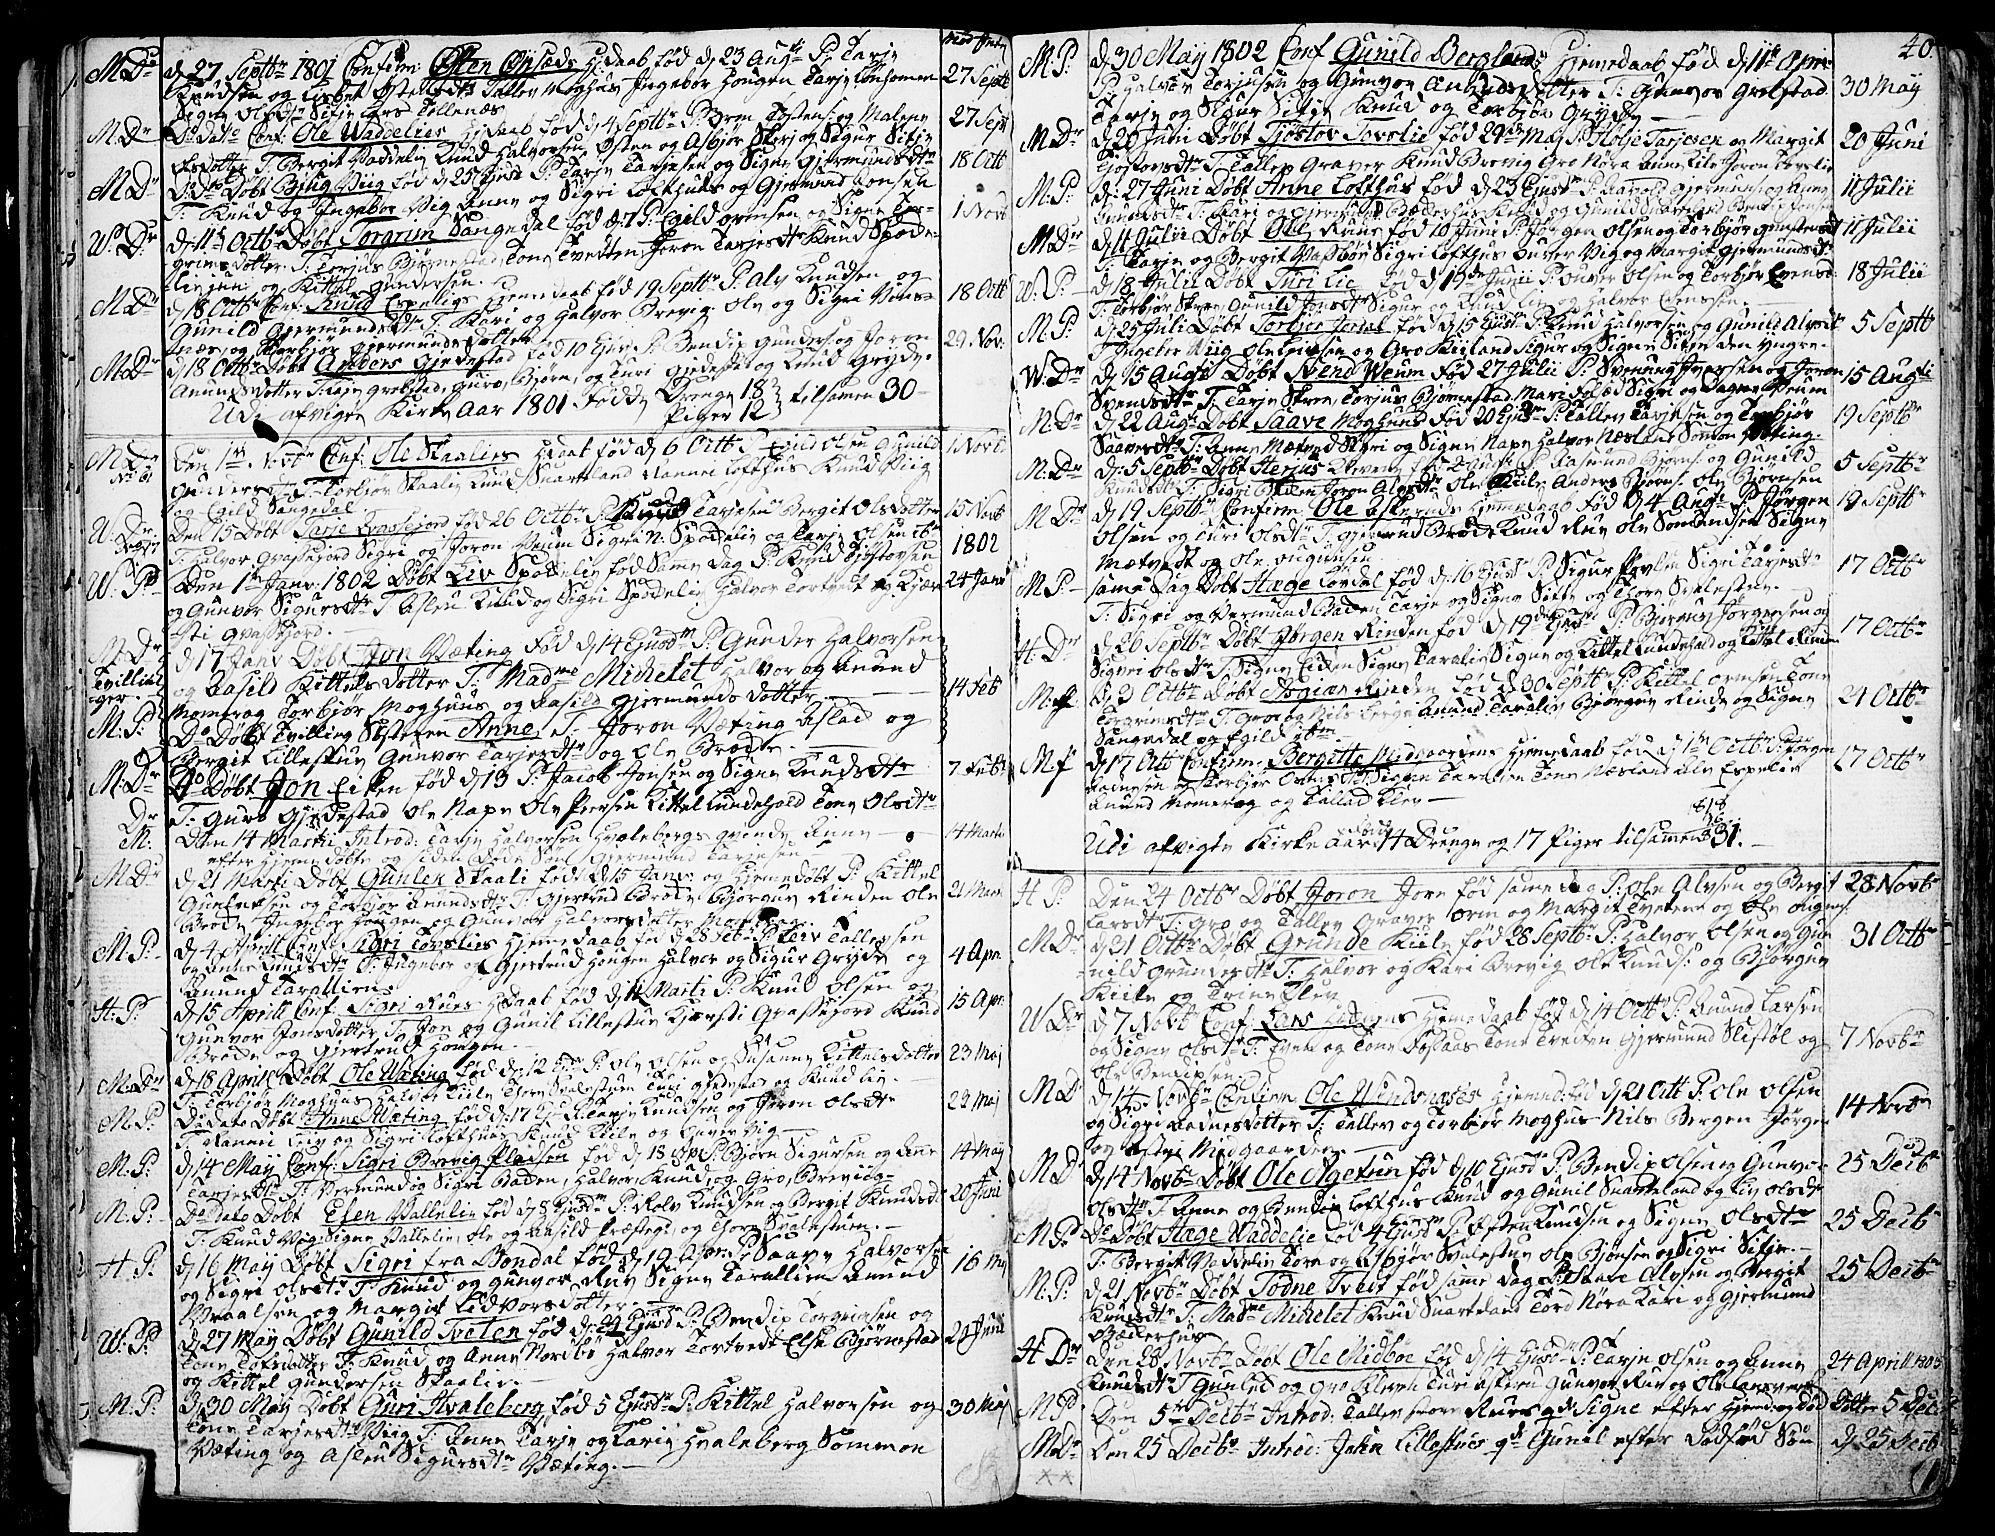 SAKO, Fyresdal kirkebøker, F/Fa/L0002: Ministerialbok nr. I 2, 1769-1814, s. 40